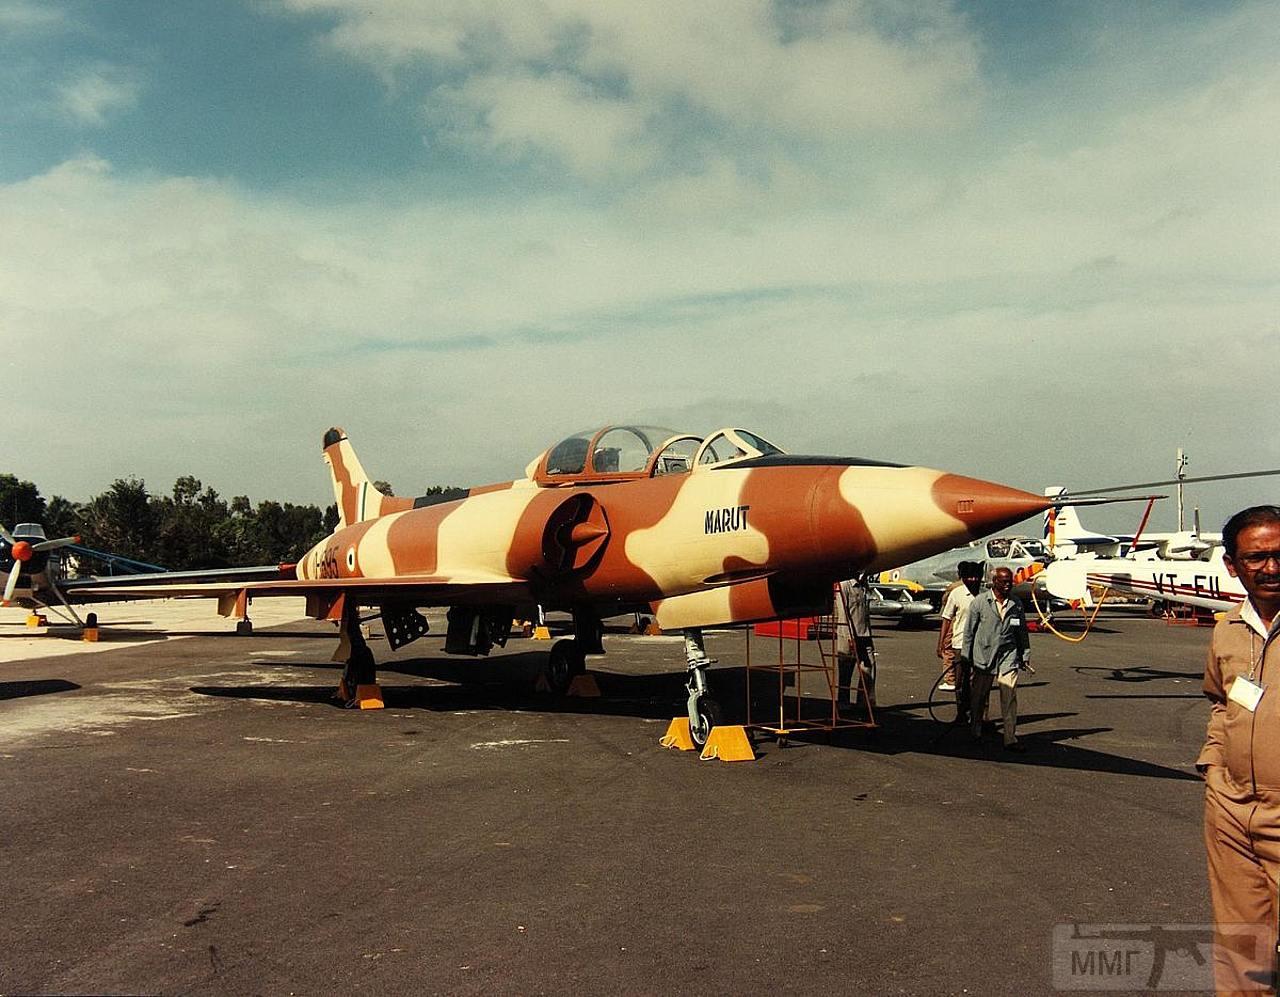 28911 - Luftwaffe-46